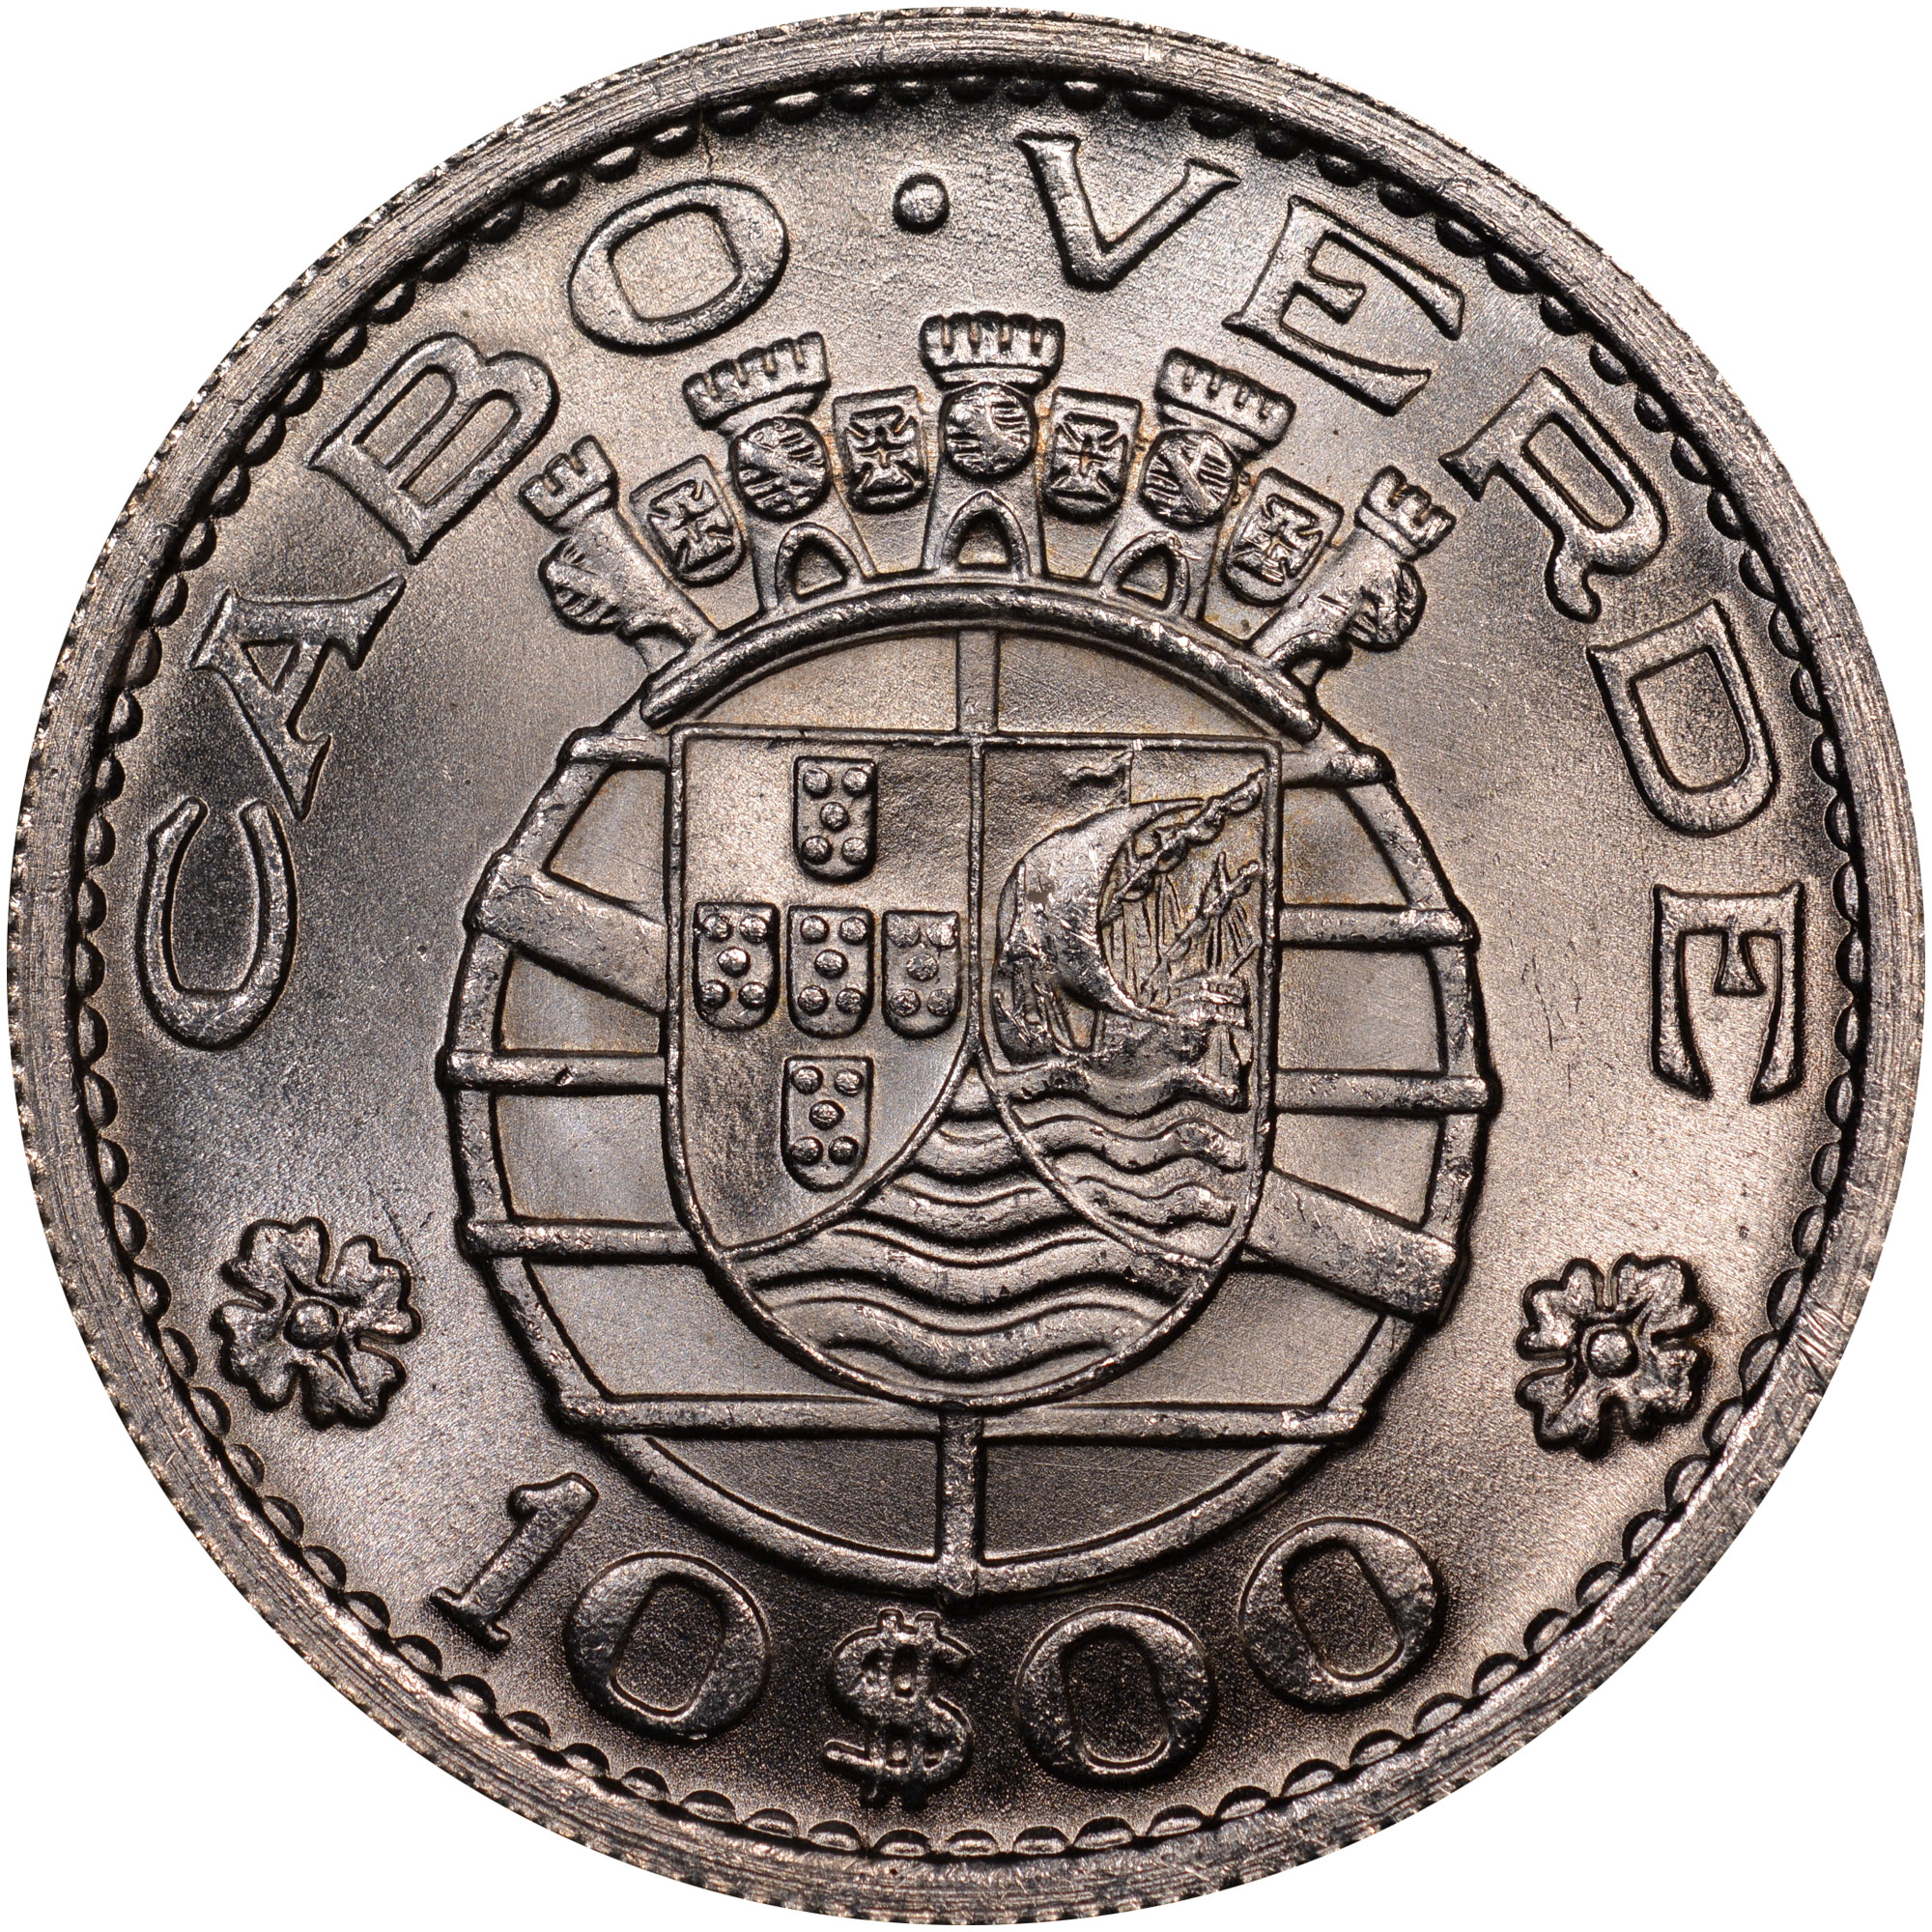 1953 Cape Verde 10 Escudos reverse